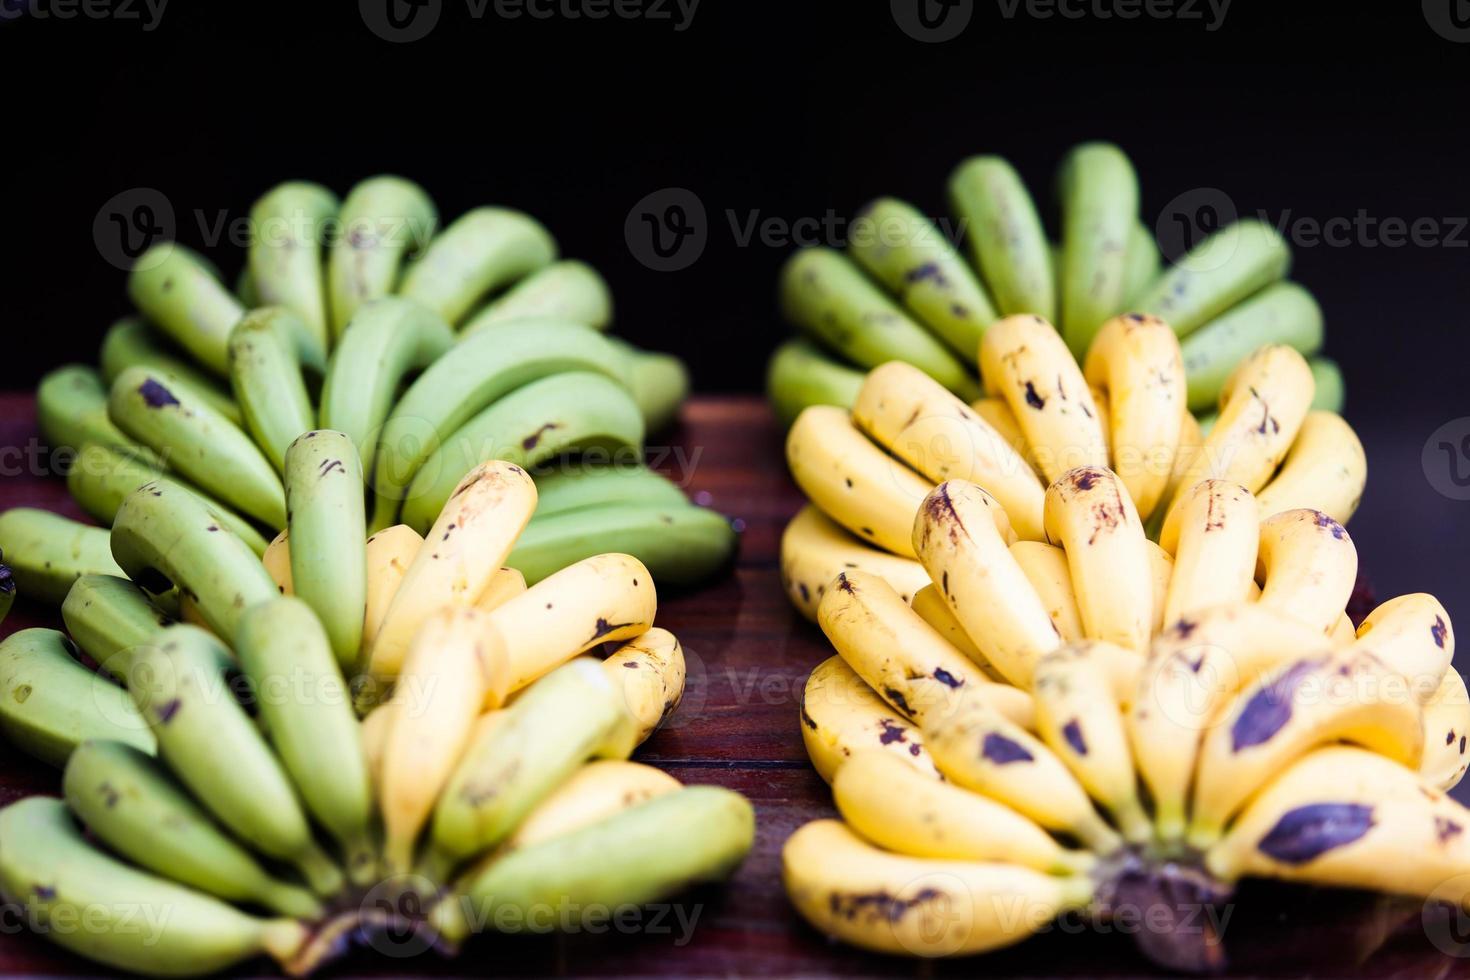 fruits bananes vertes et jaunes sur le marché photo